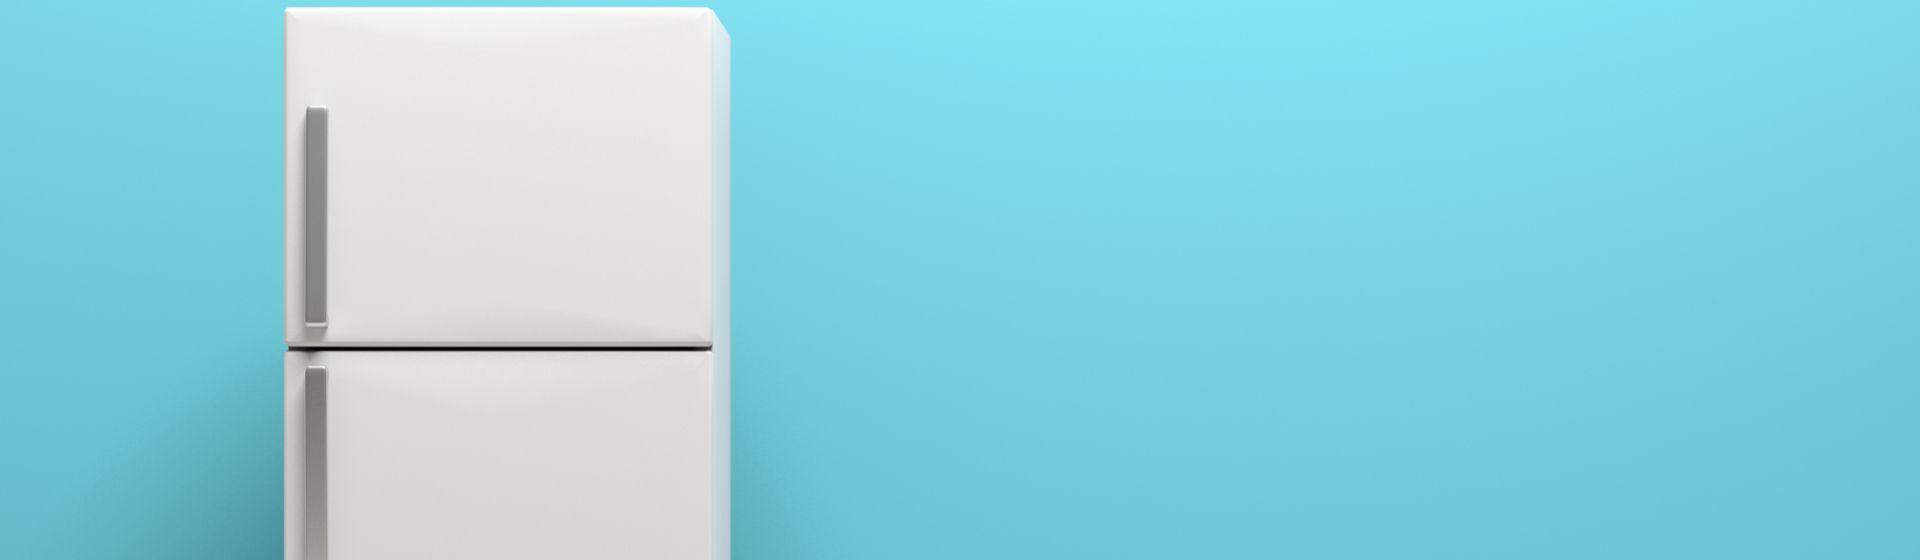 Como tirar adesivo da geladeira? Confira o passo a passo para evitar arranhar o eletrodoméstico